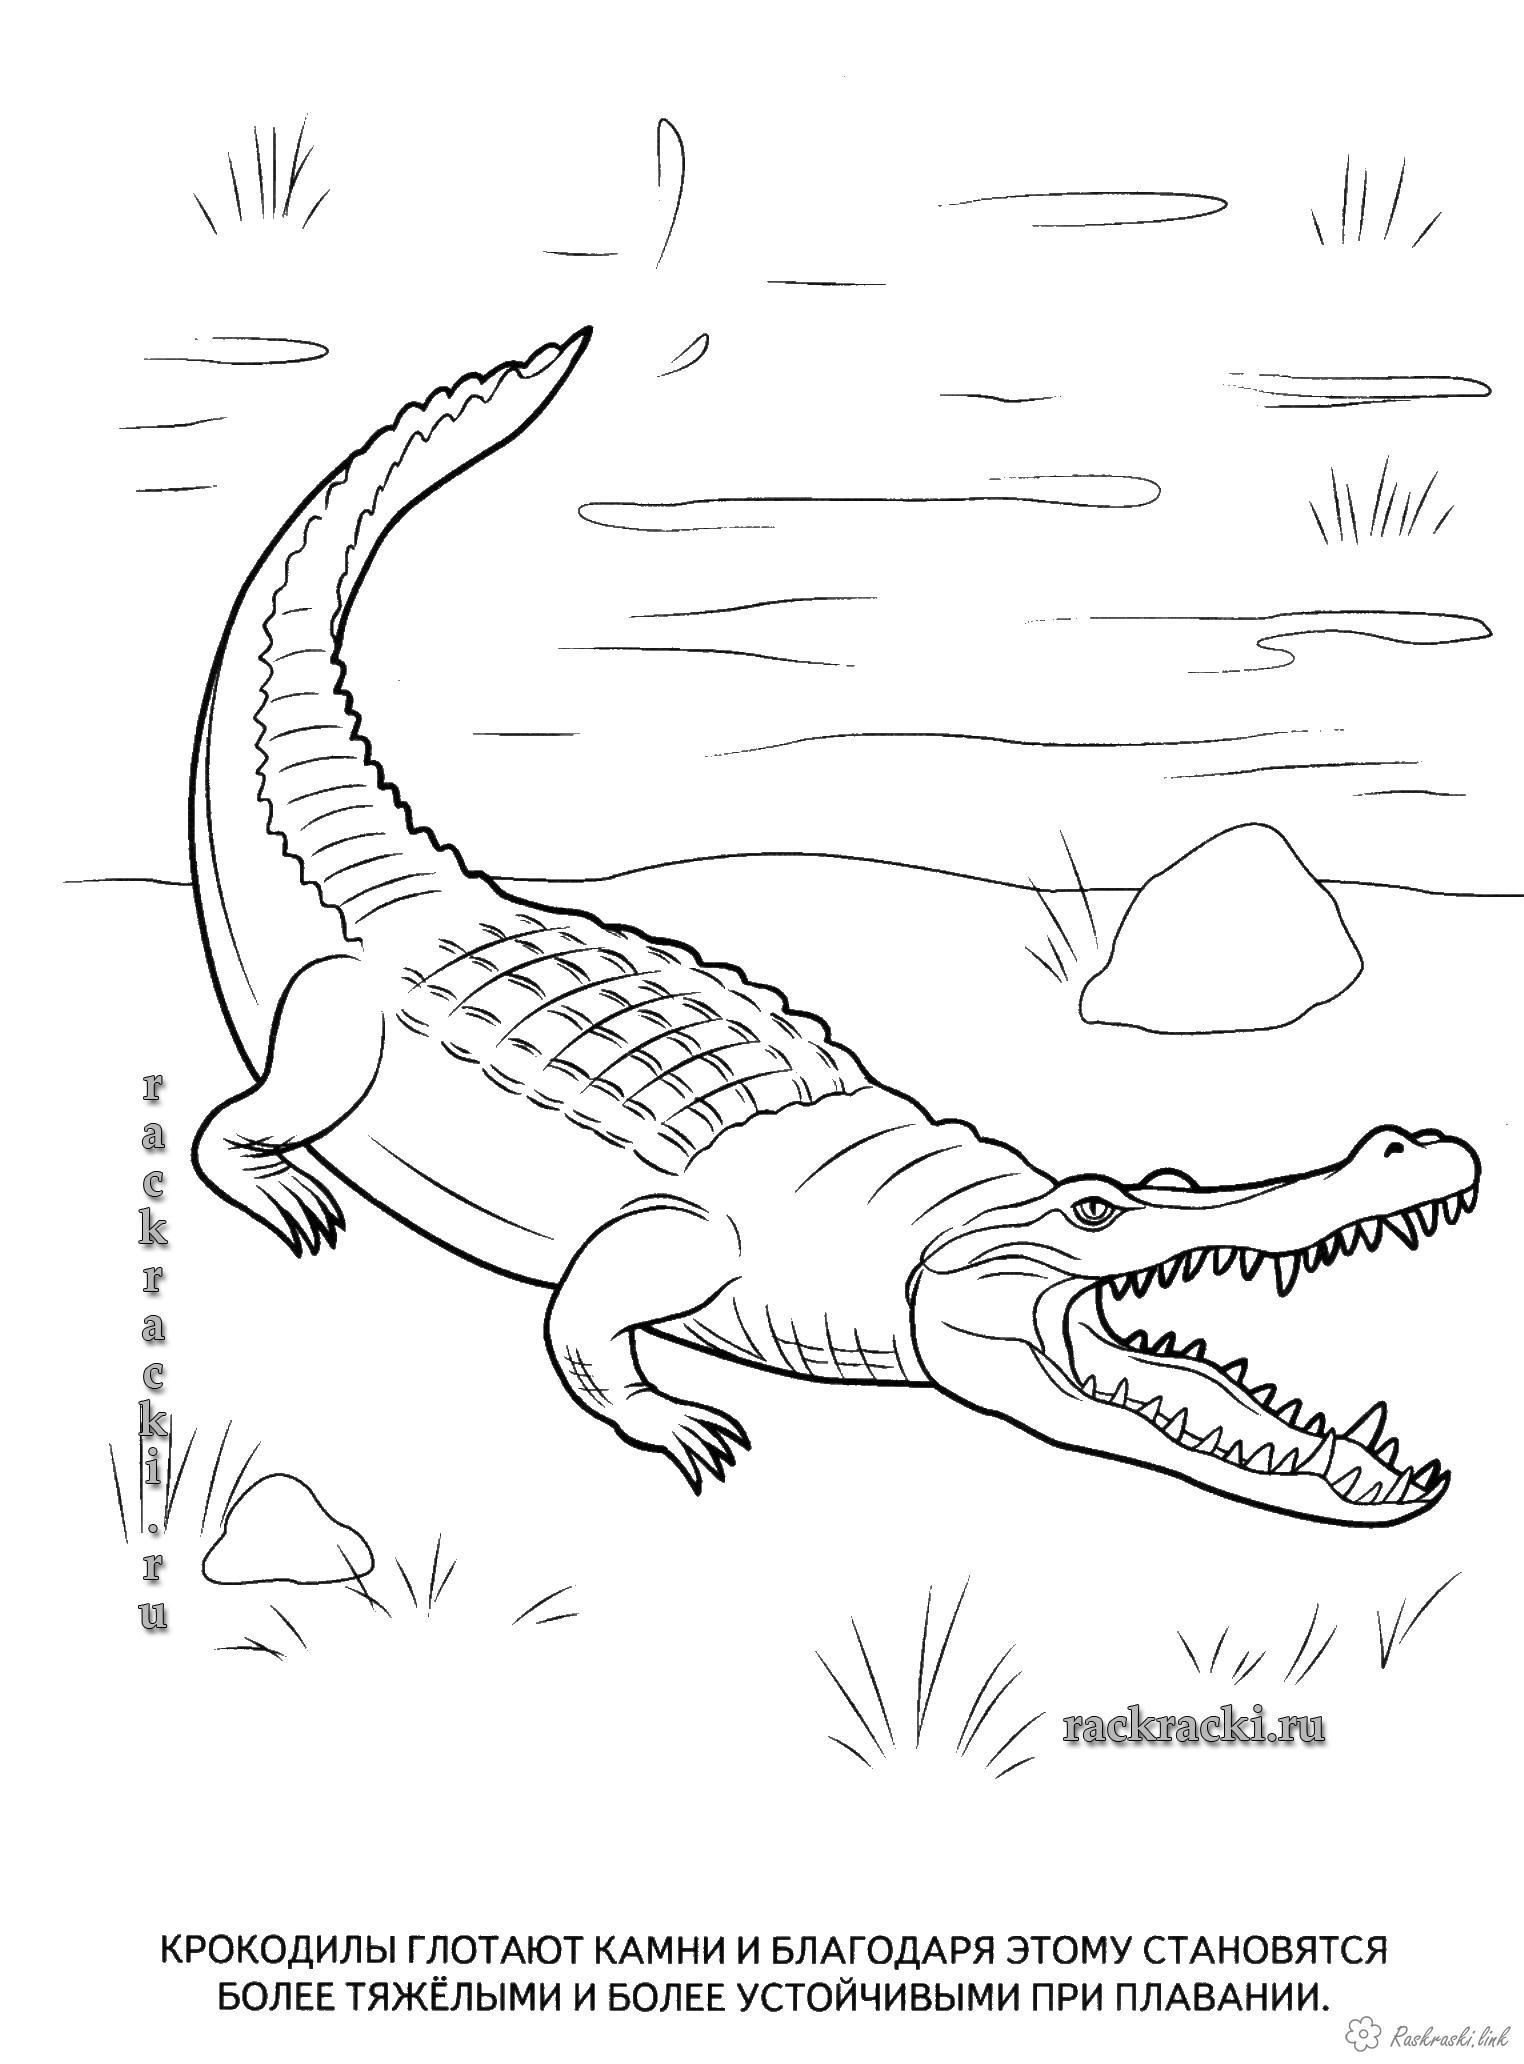 Розмальовки крокодил Дитяча розфарбування рептилії, крокодил